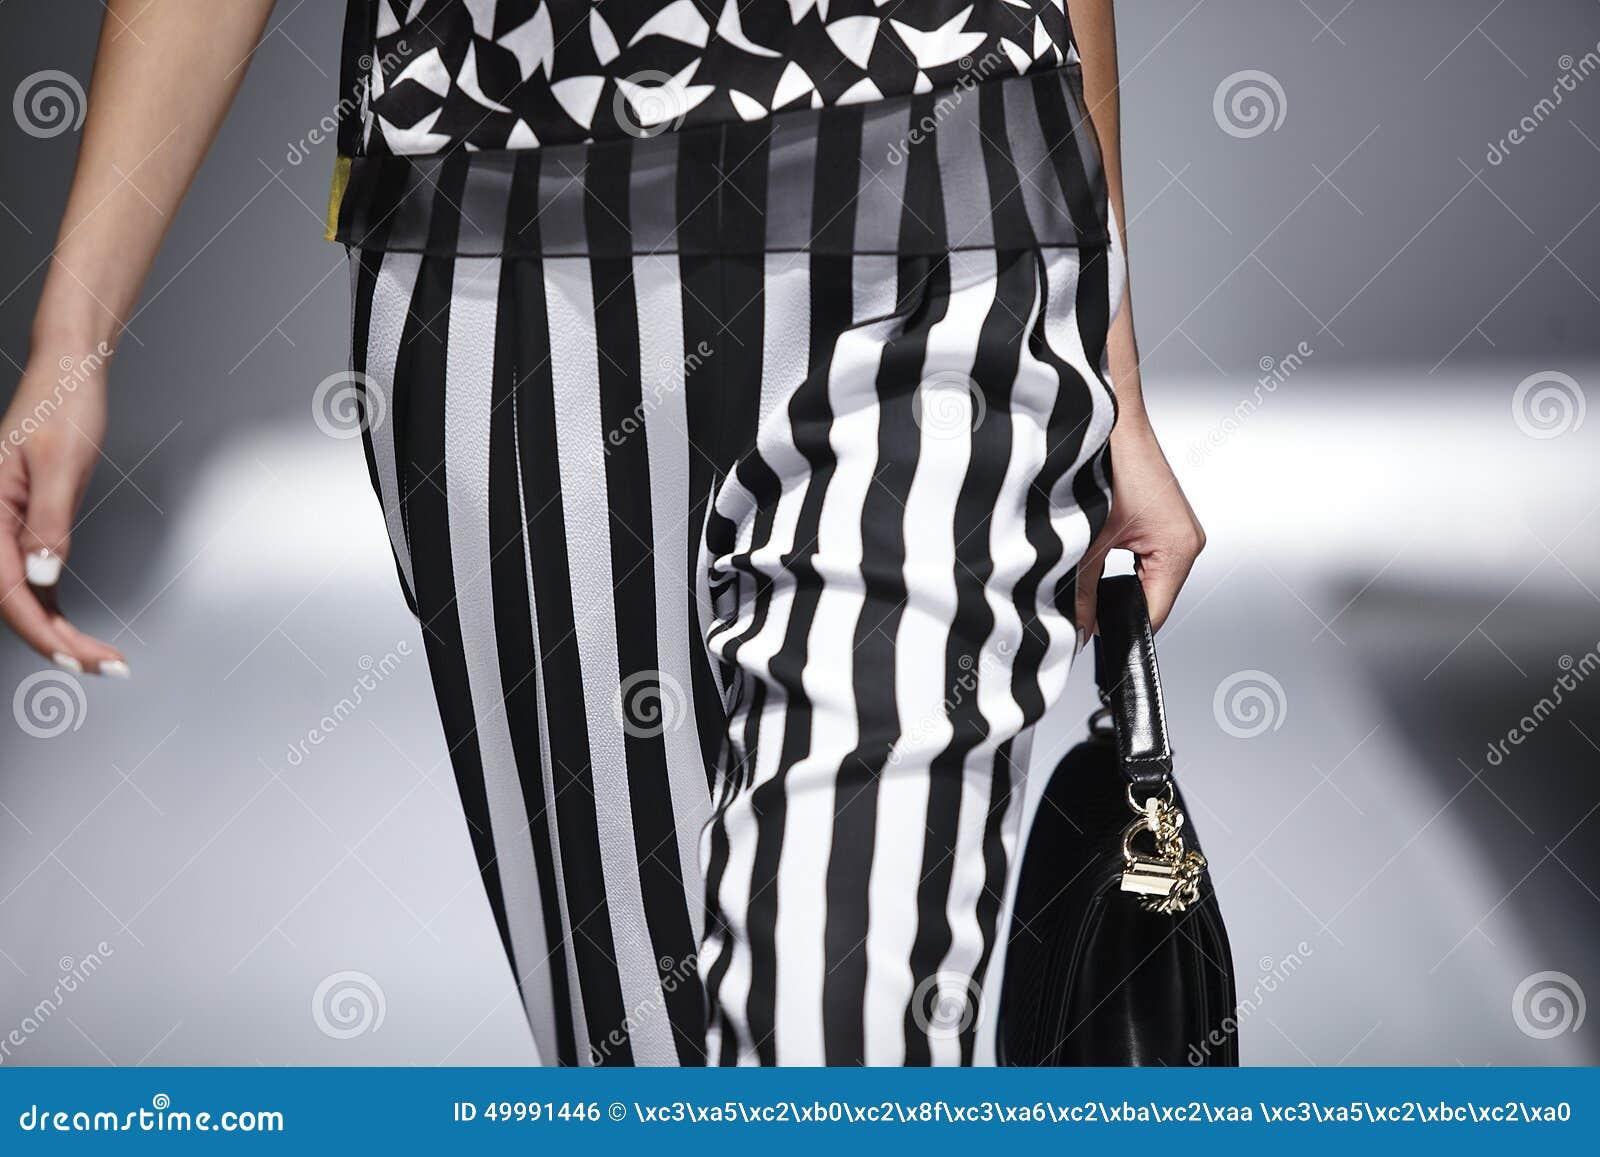 Listras preto e branco da peça da passarela do corpo do modelo da pista de decolagem do desfile de moda